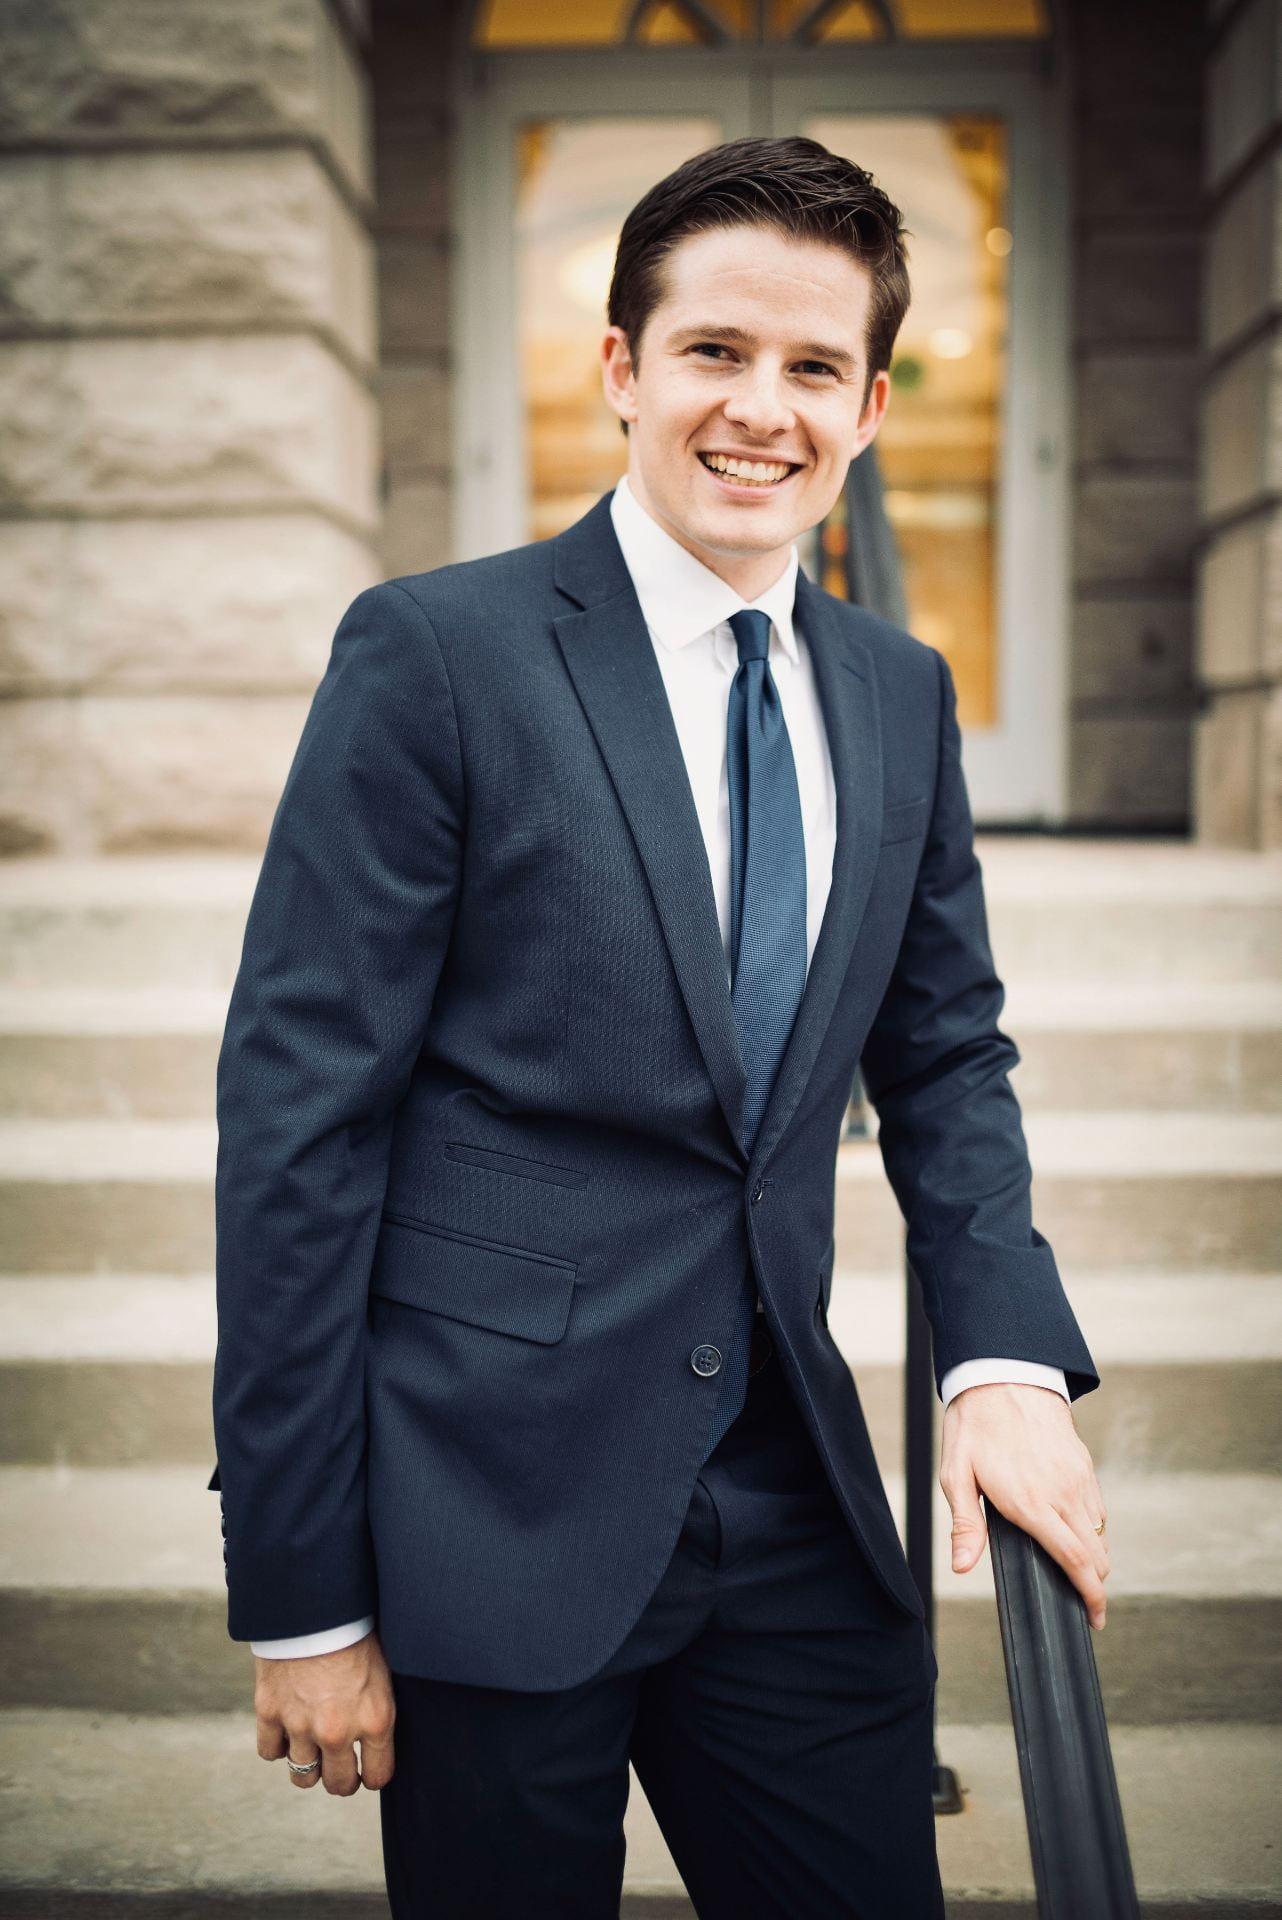 Dean Adams - Editor-in-Chief